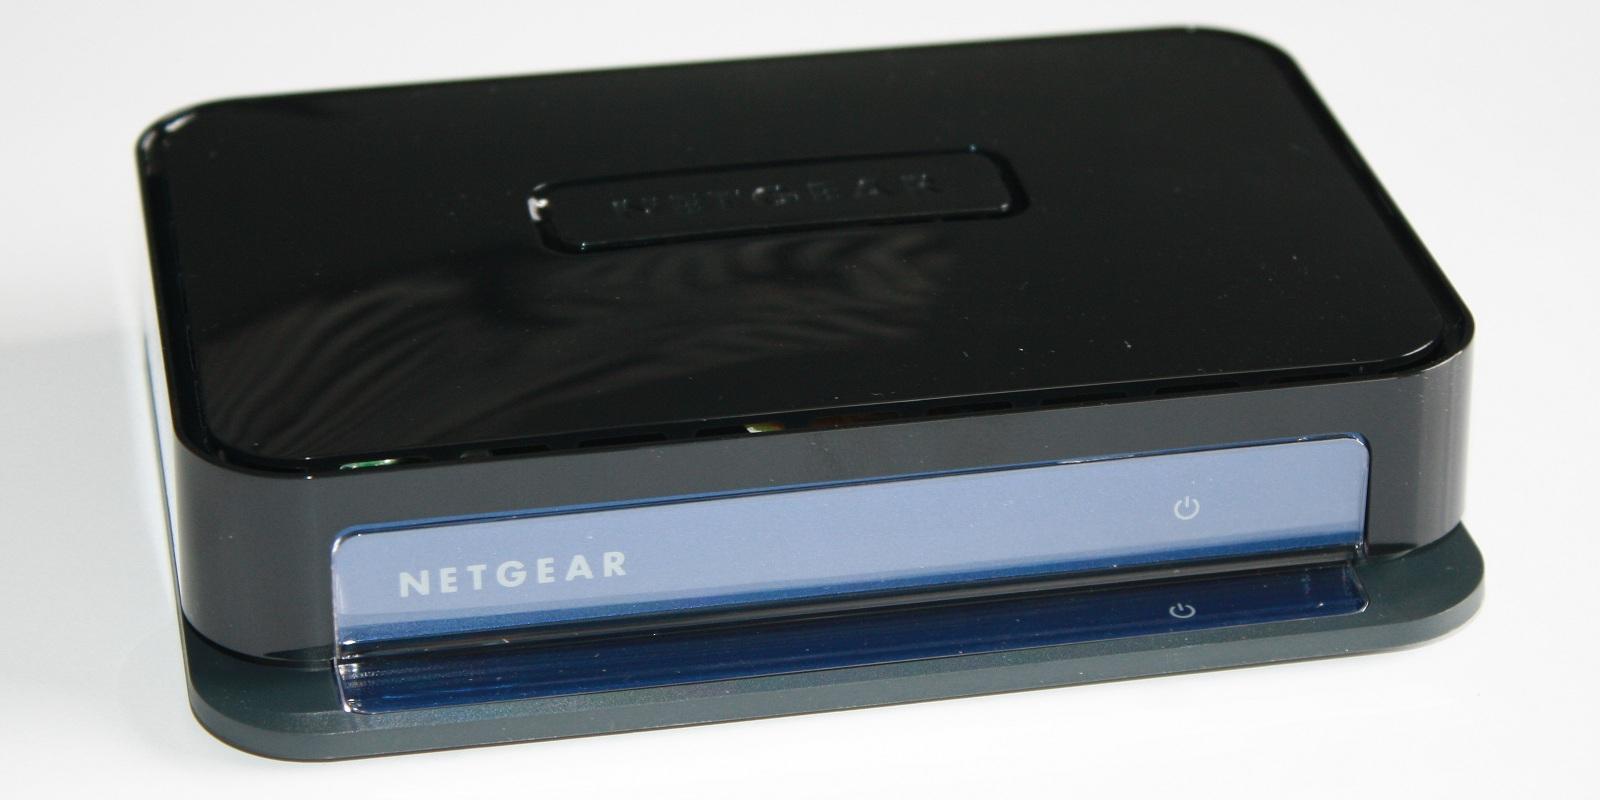 Netgear_PTV2000_3